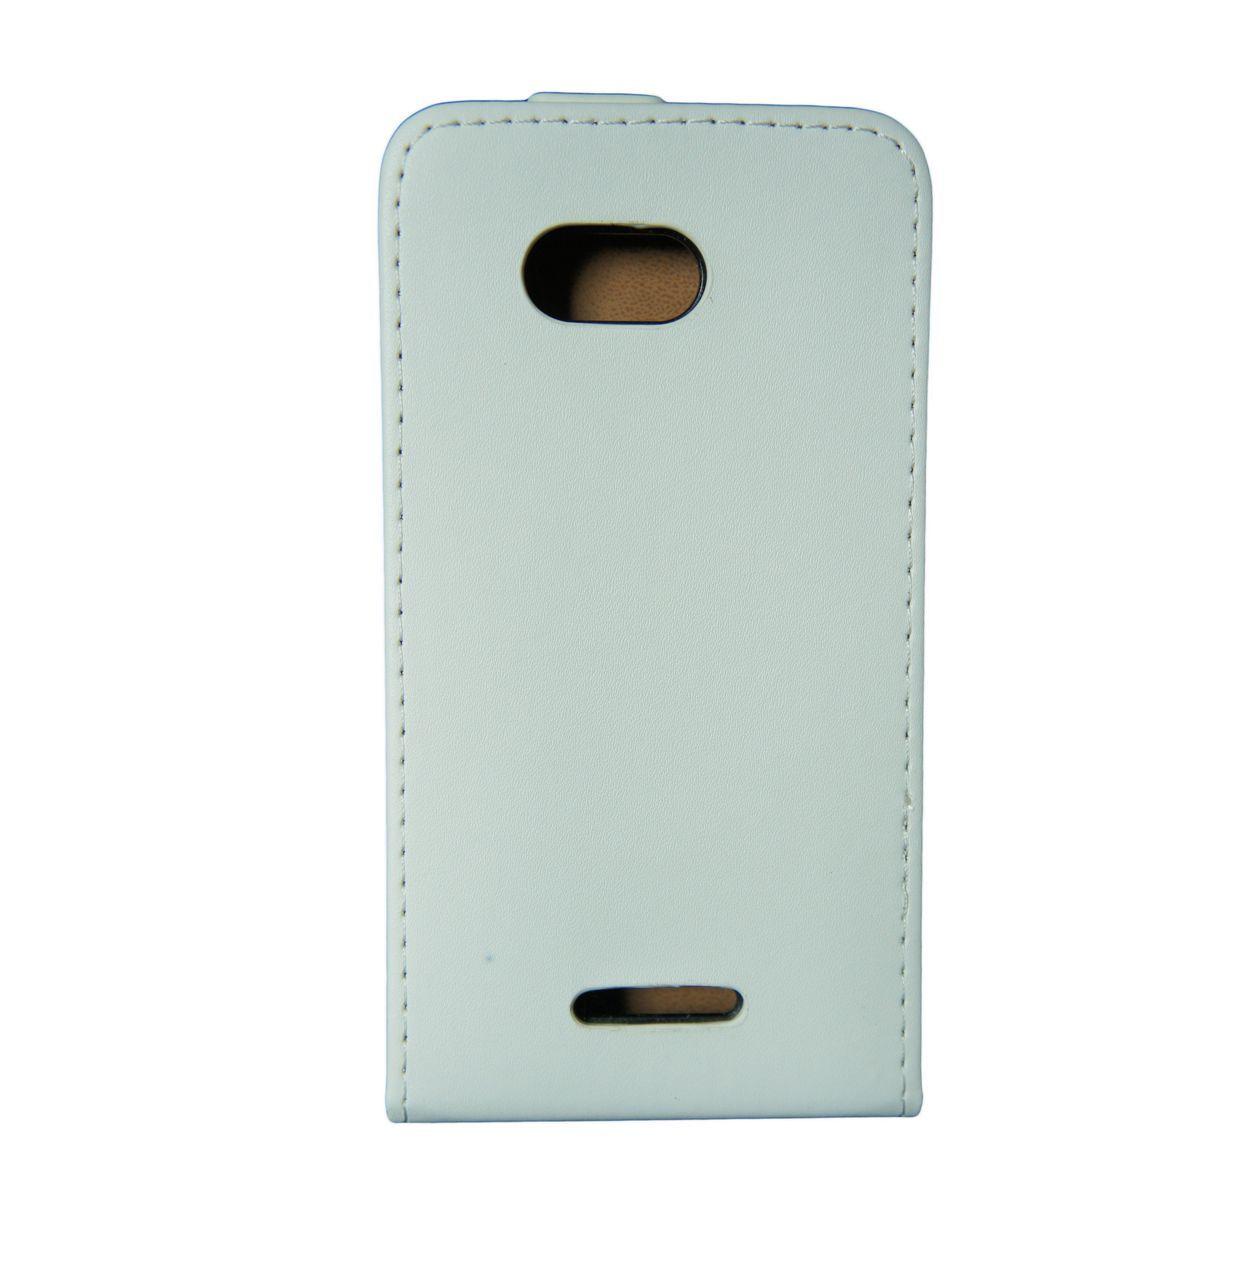 Флиппер белый для смартфона Xperia E4G купить в Sony Centre Воронеж